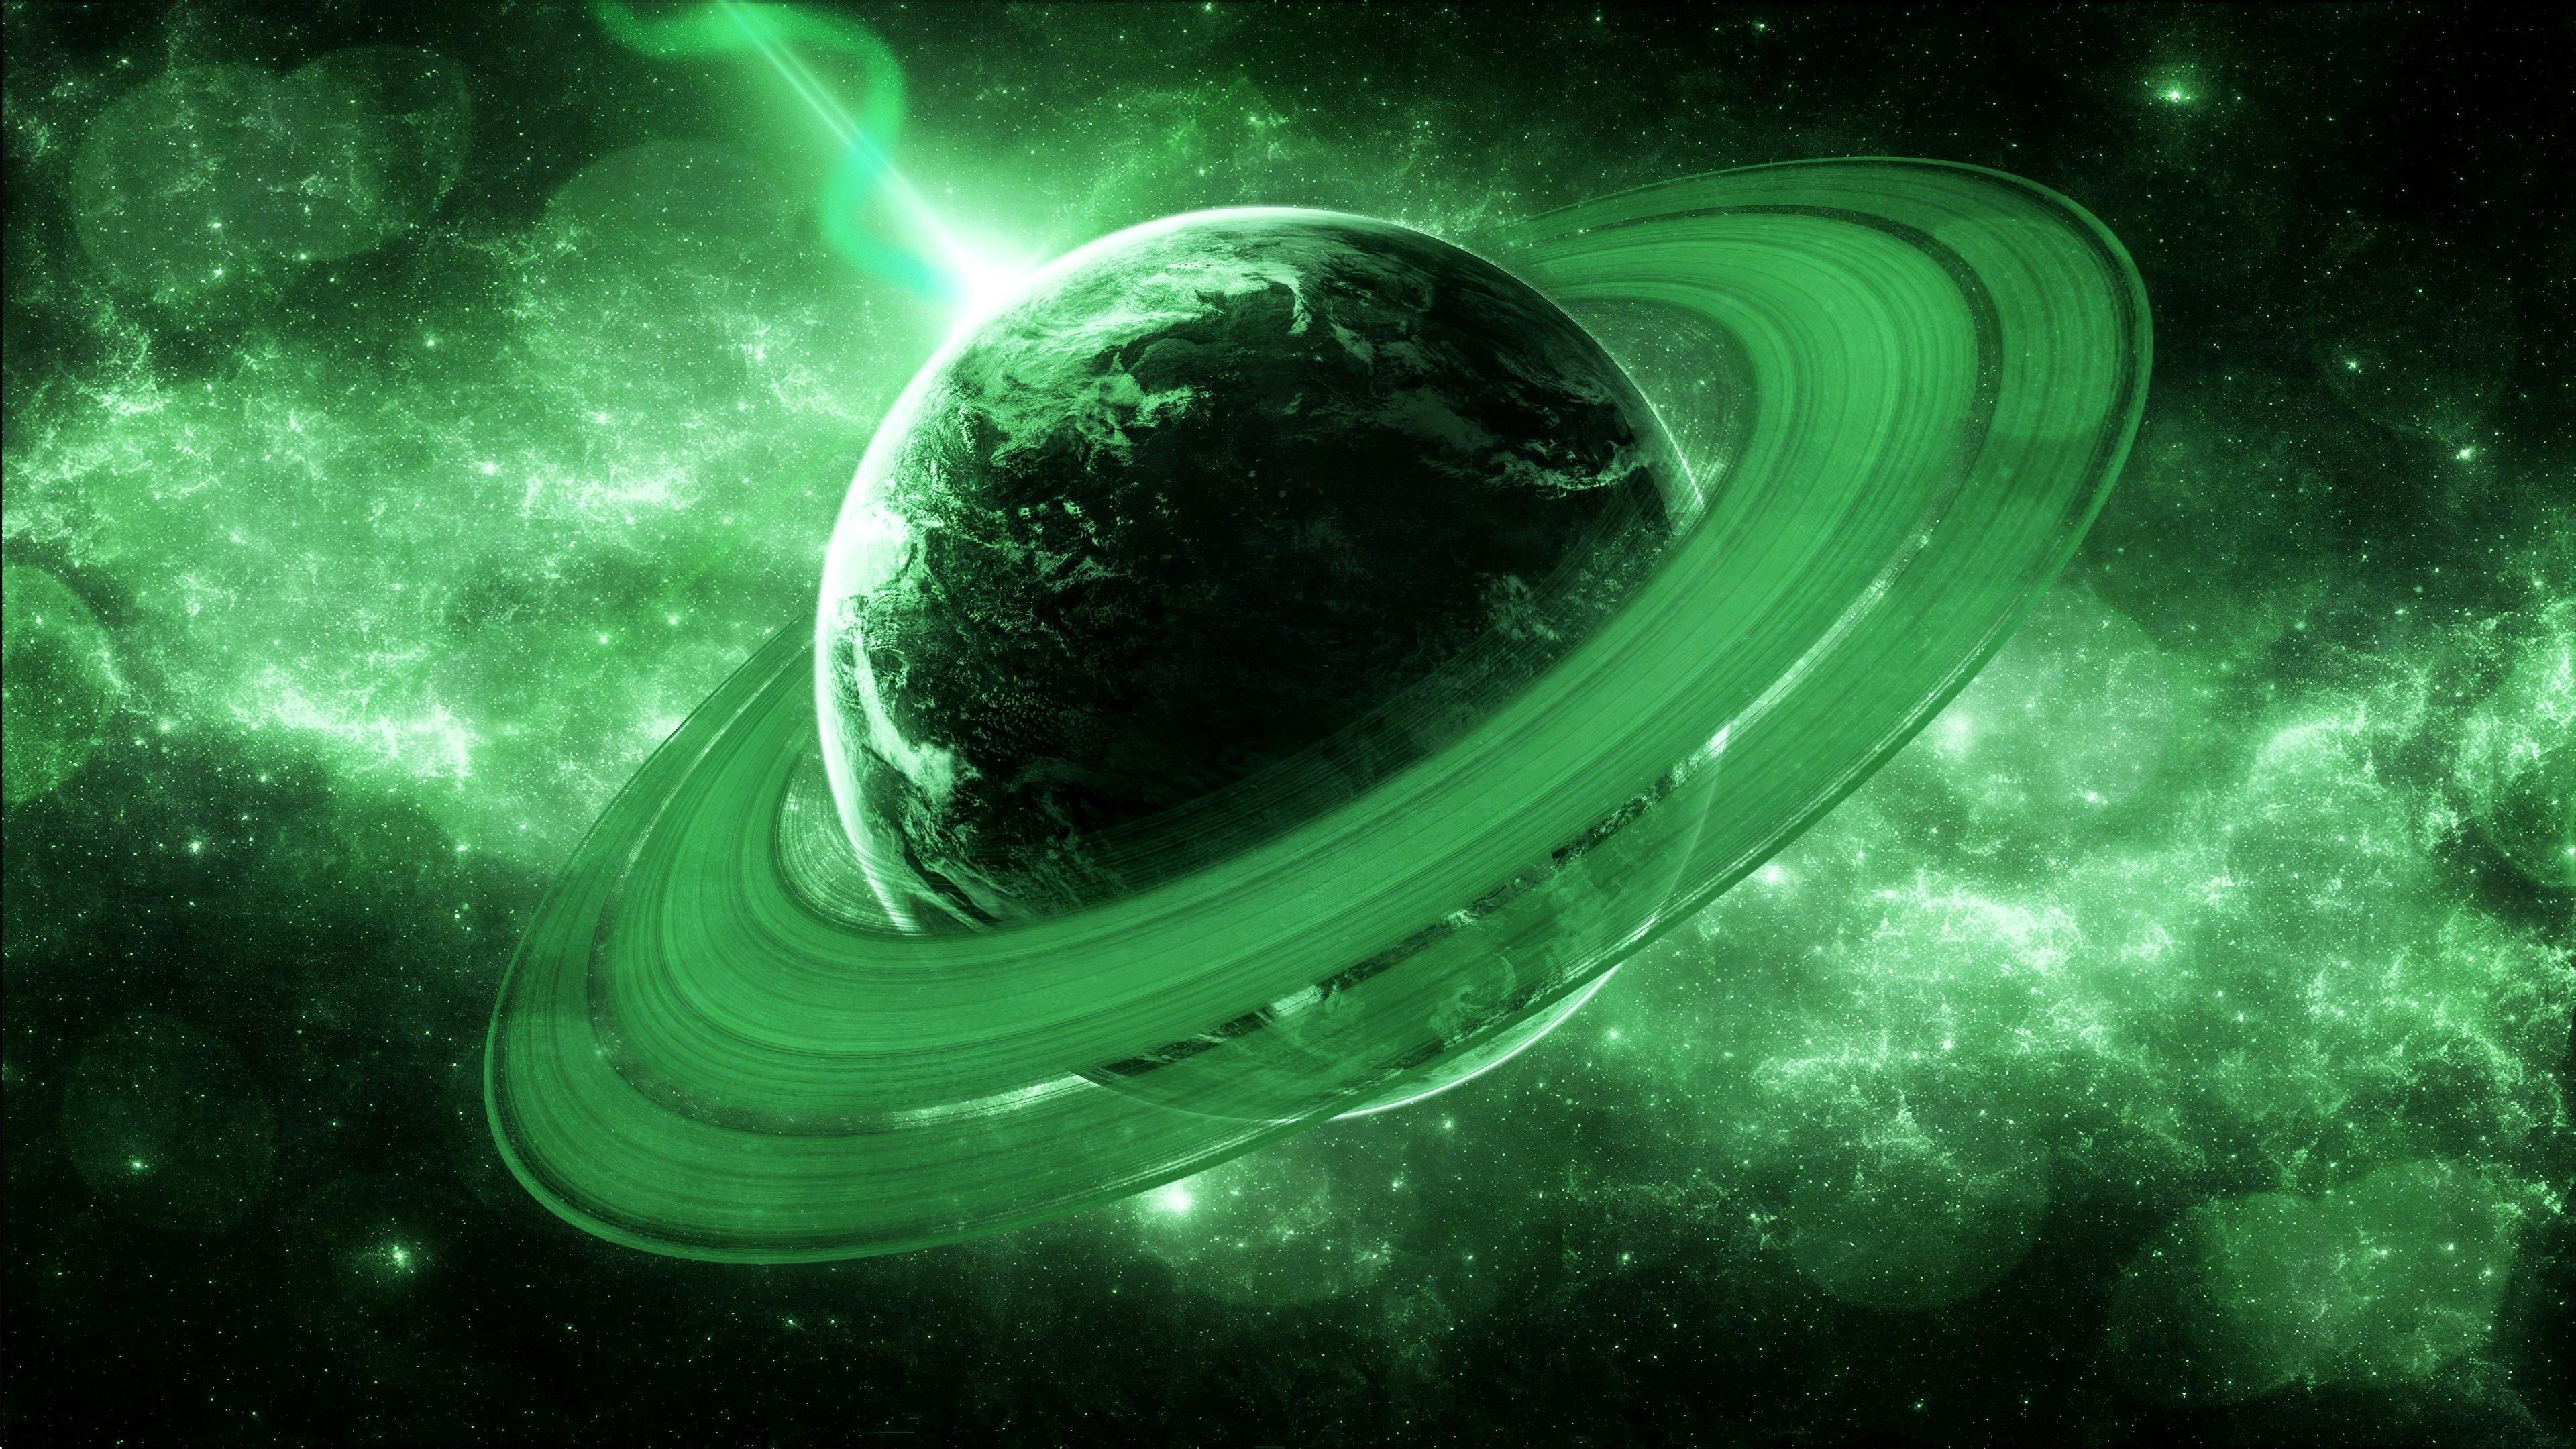 Fondos de pantalla Planeta Verde